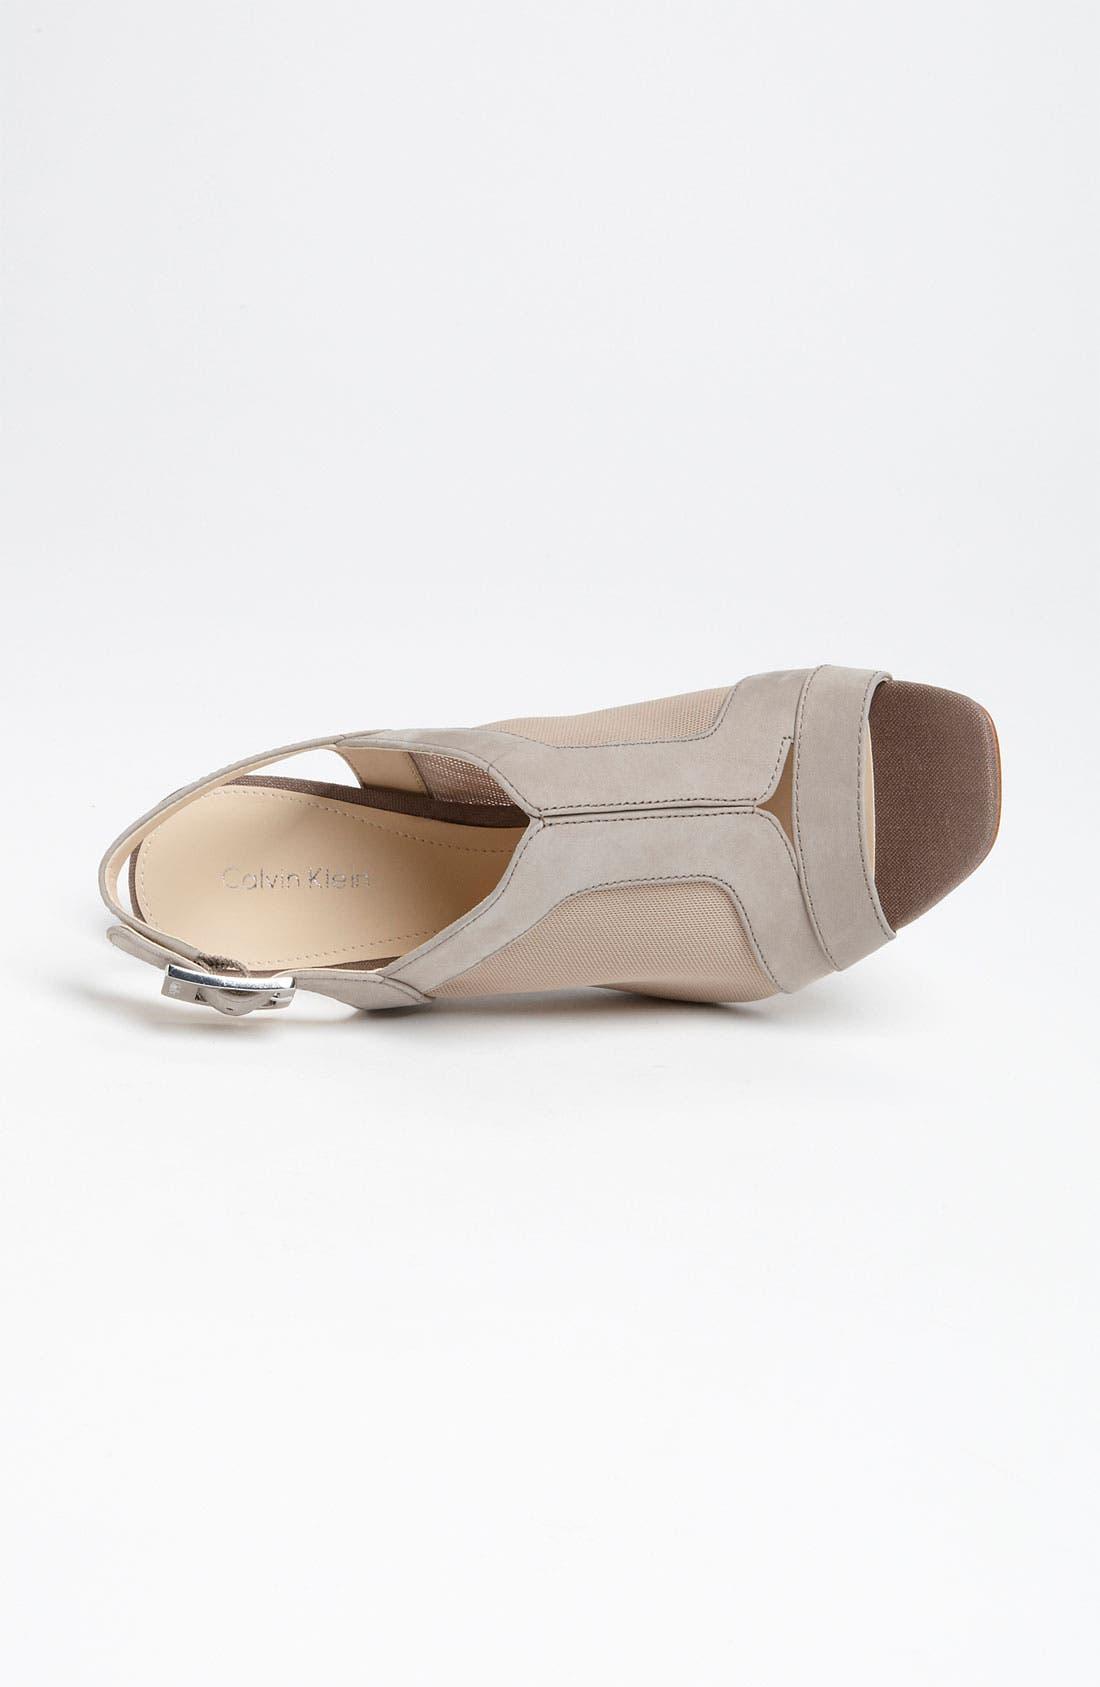 Alternate Image 3  - Calvin Klein 'Lisah' Sandal